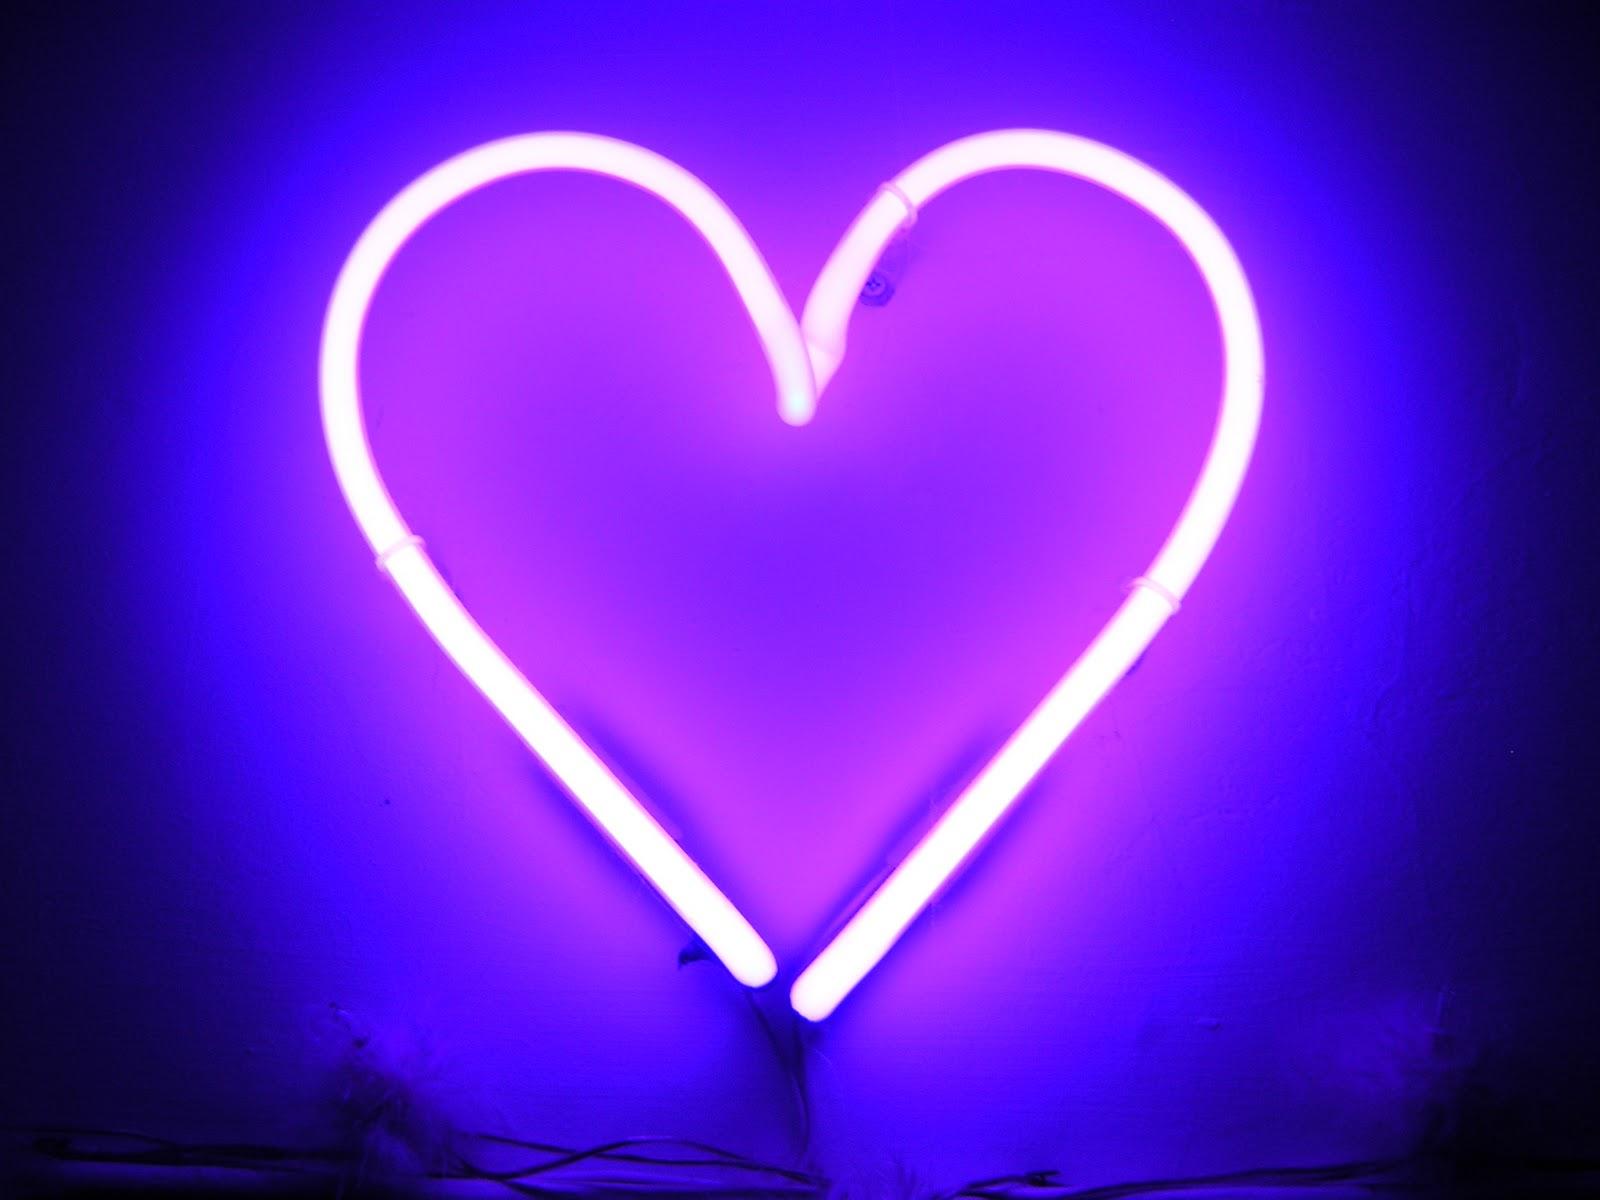 FHDQ Neon Heart By Bertalan Beverstock